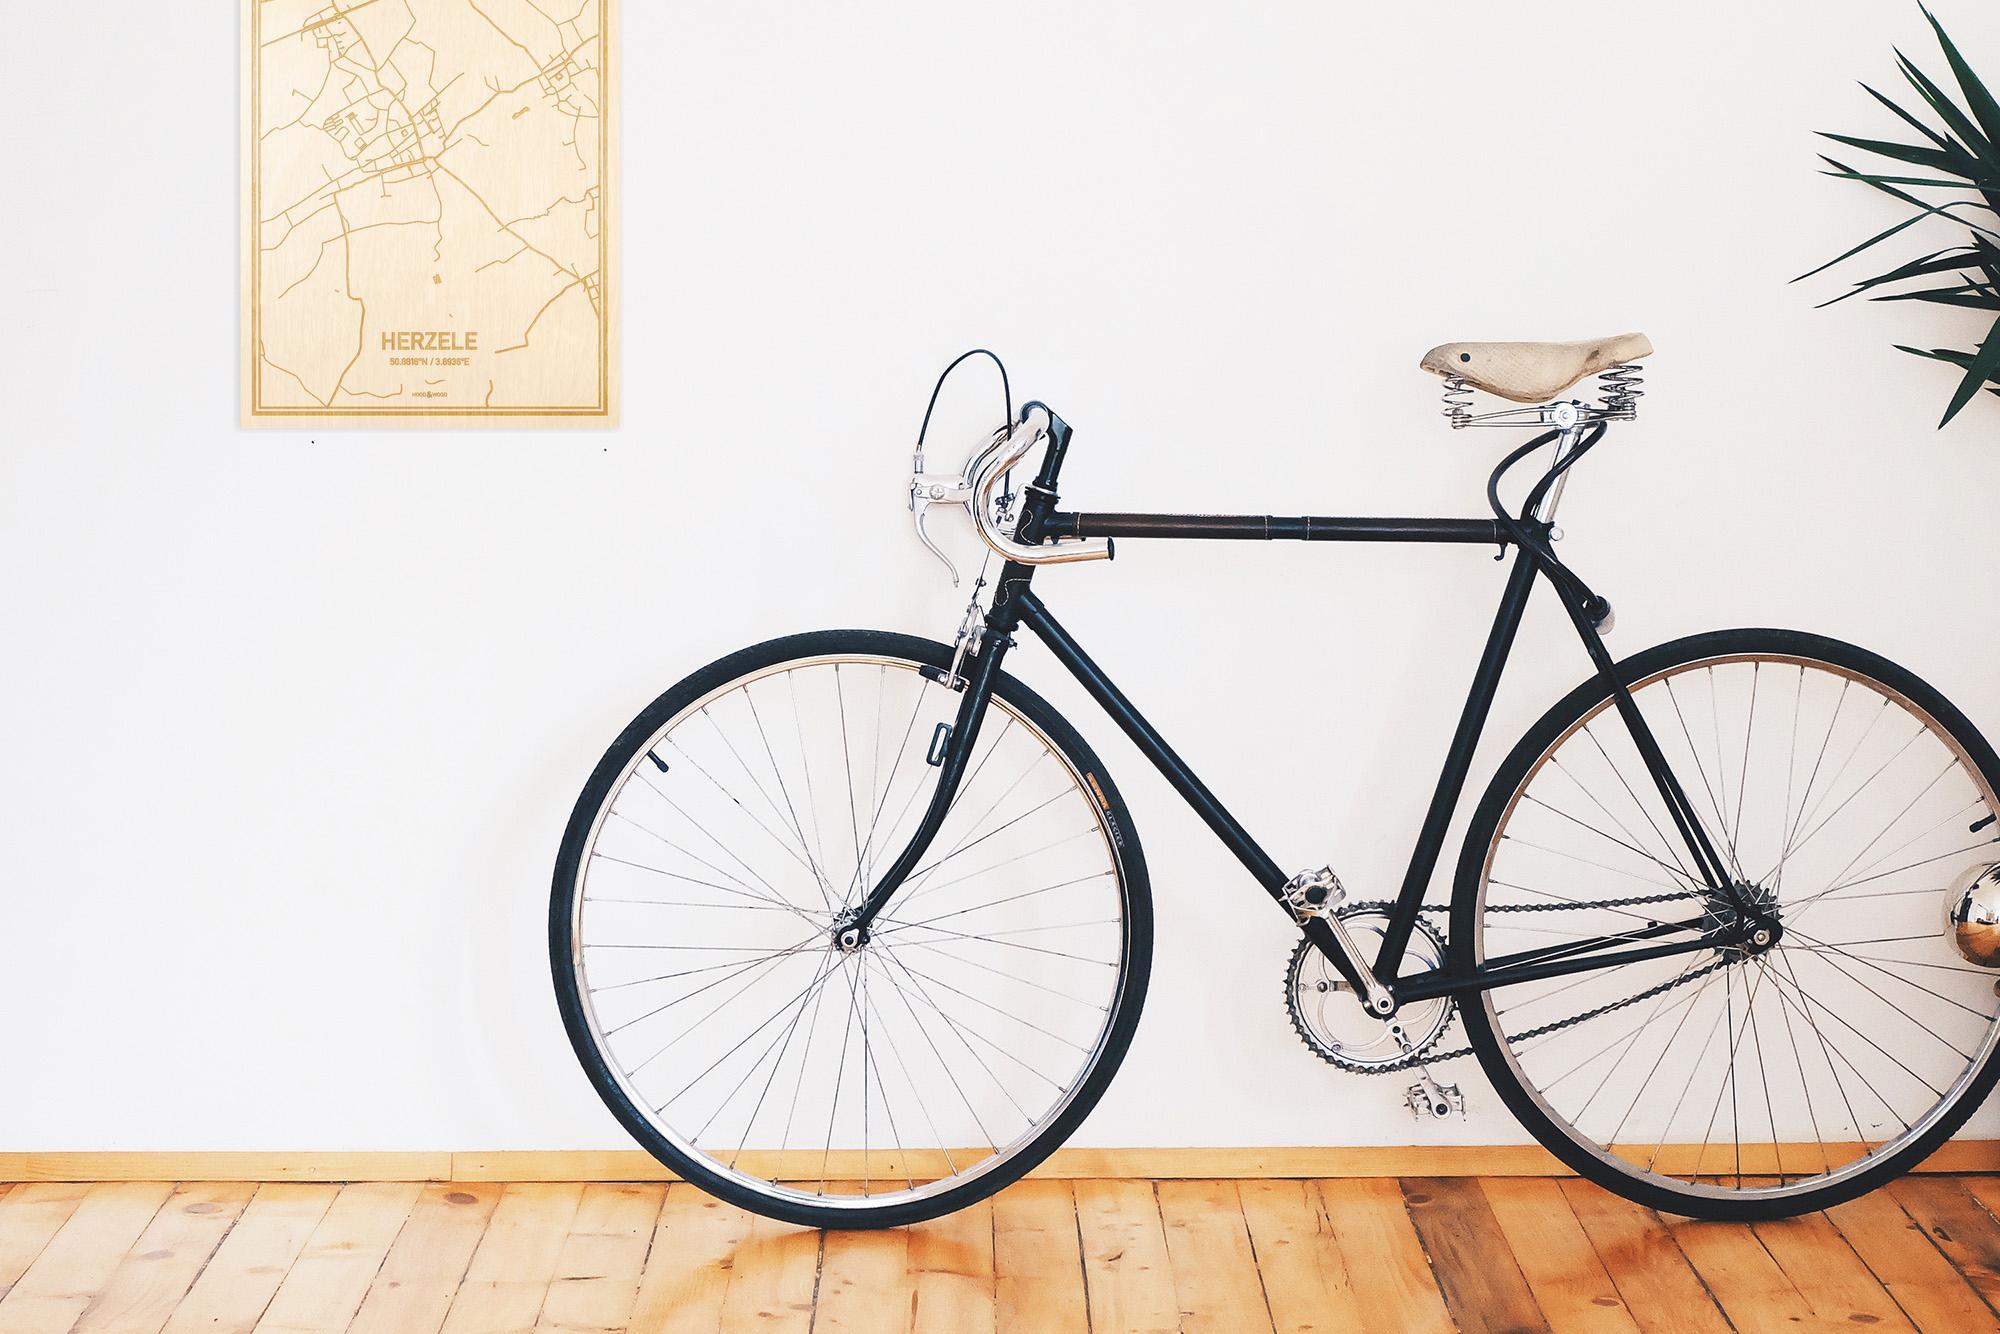 Een snelle fiets in een uniek interieur in Oost-Vlaanderen  met mooie decoratie zoals de plattegrond Herzele.